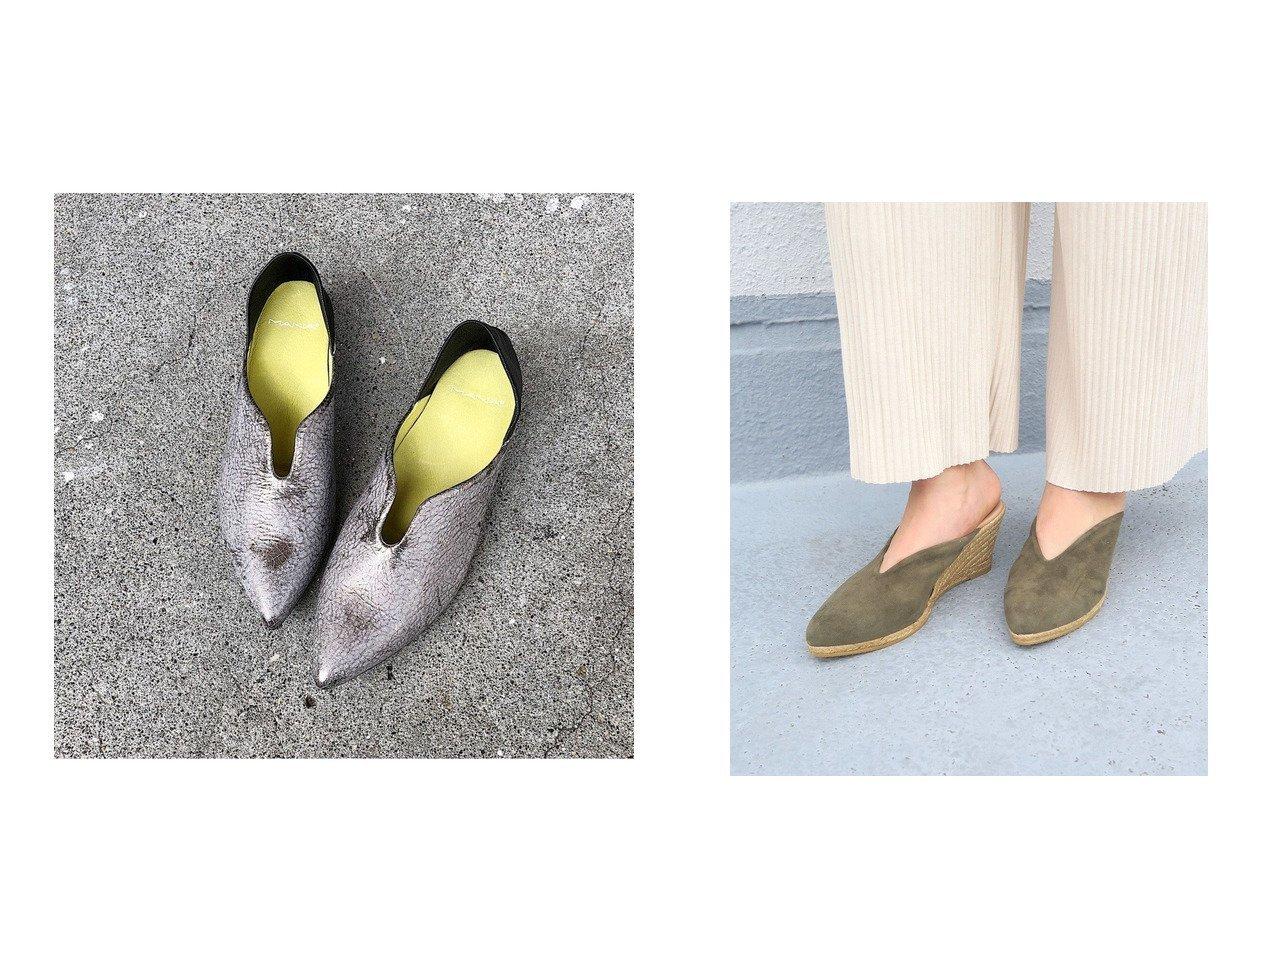 【MANA yukoplus Store/マナ ユウコプラス ストア】の571170ふかふかバブーシュ&【gaimo/ガイモ】の【ガイモ】Vカットヒールミュール 【シューズ・靴】おすすめ!人気、トレンド・レディースファッションの通販 おすすめで人気の流行・トレンド、ファッションの通販商品 メンズファッション・キッズファッション・インテリア・家具・レディースファッション・服の通販 founy(ファニー) https://founy.com/ ファッション Fashion レディースファッション WOMEN サンダル シューズ ジュート ハンド 再入荷 Restock/Back in Stock/Re Arrival 送料無料 Free Shipping |ID:crp329100000029196